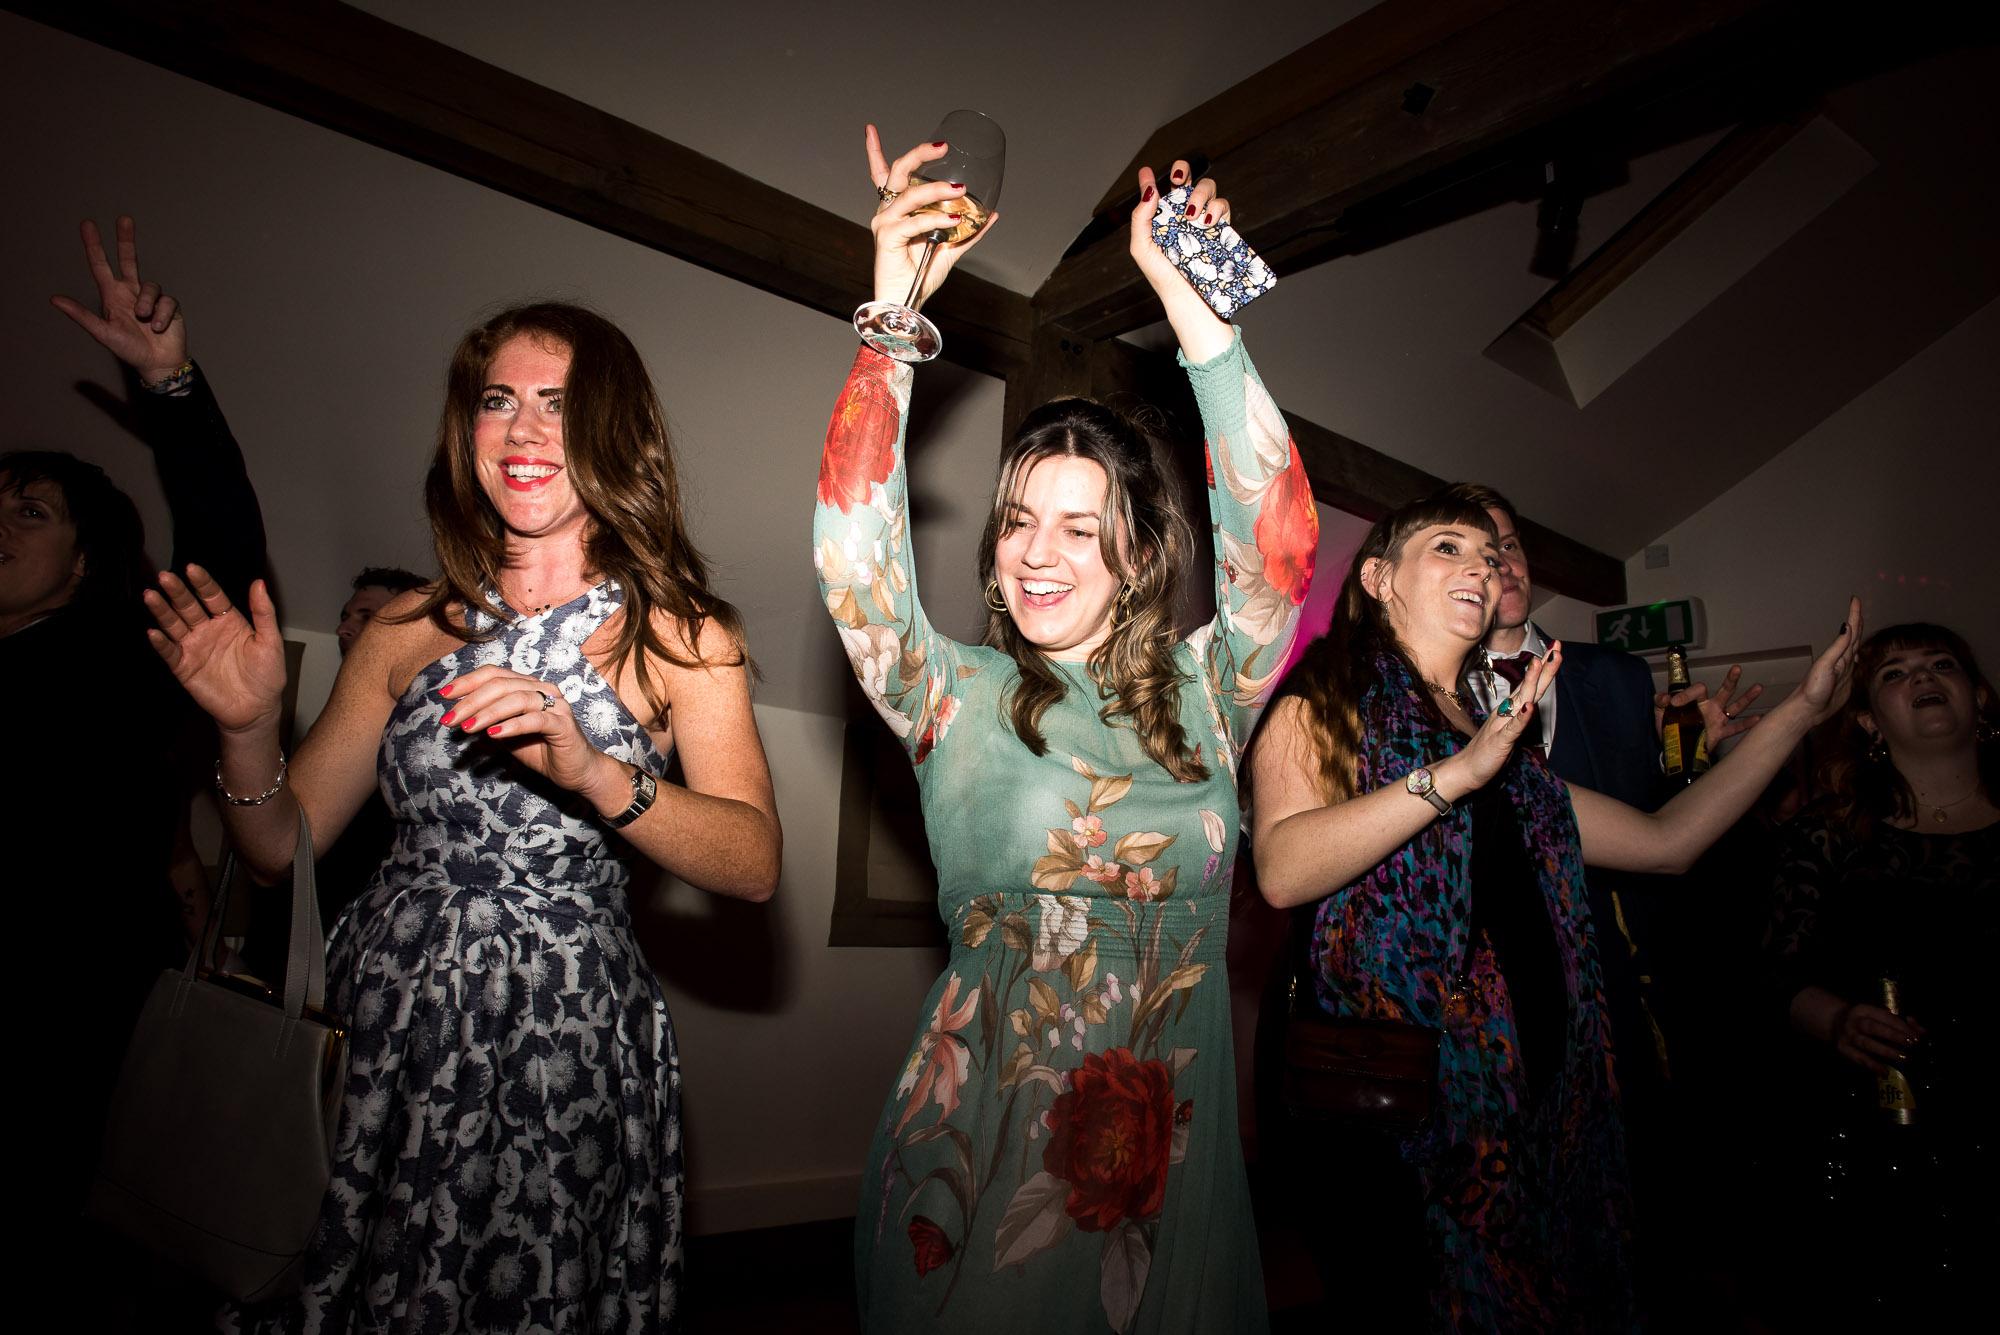 Ladies dancing Essex Barn wedding